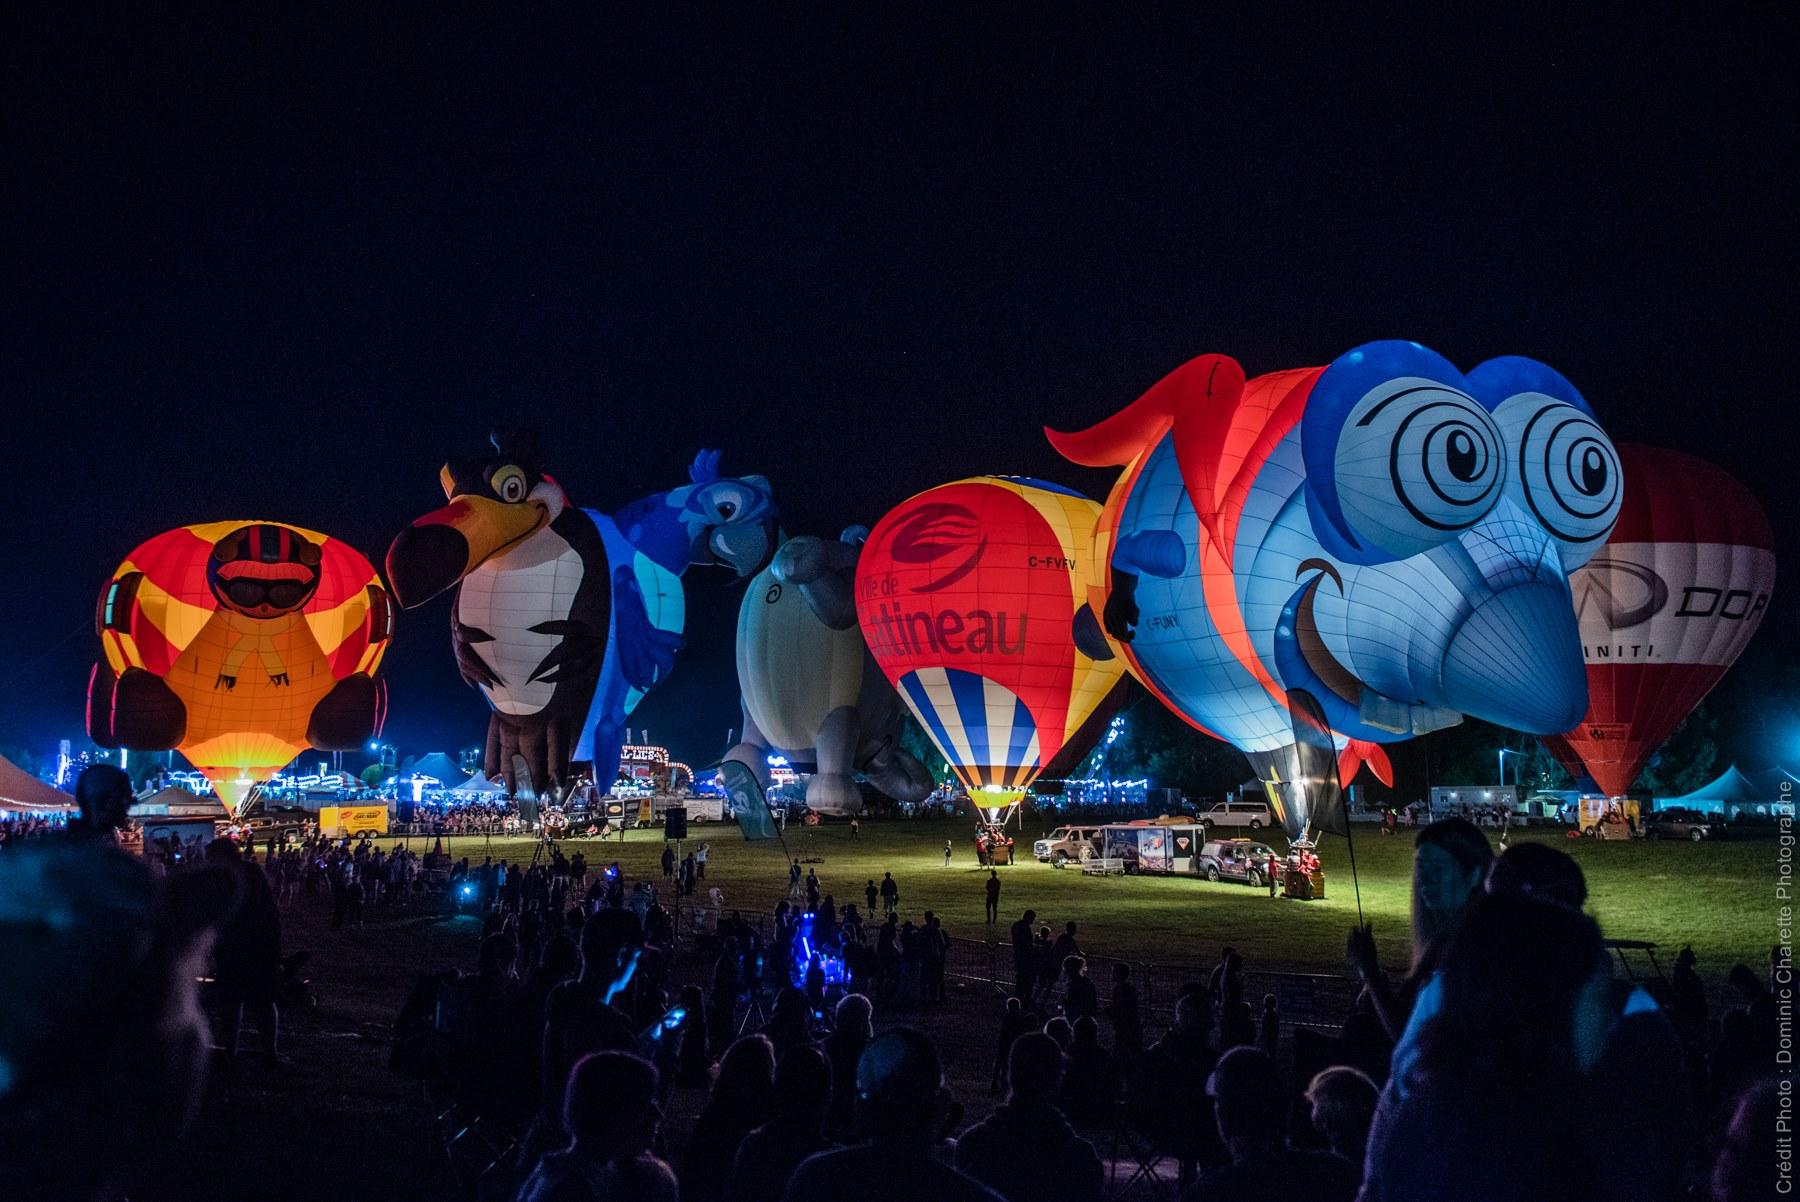 Le Festival des montgolfières de Gatineau. Photo : Dominic Charette